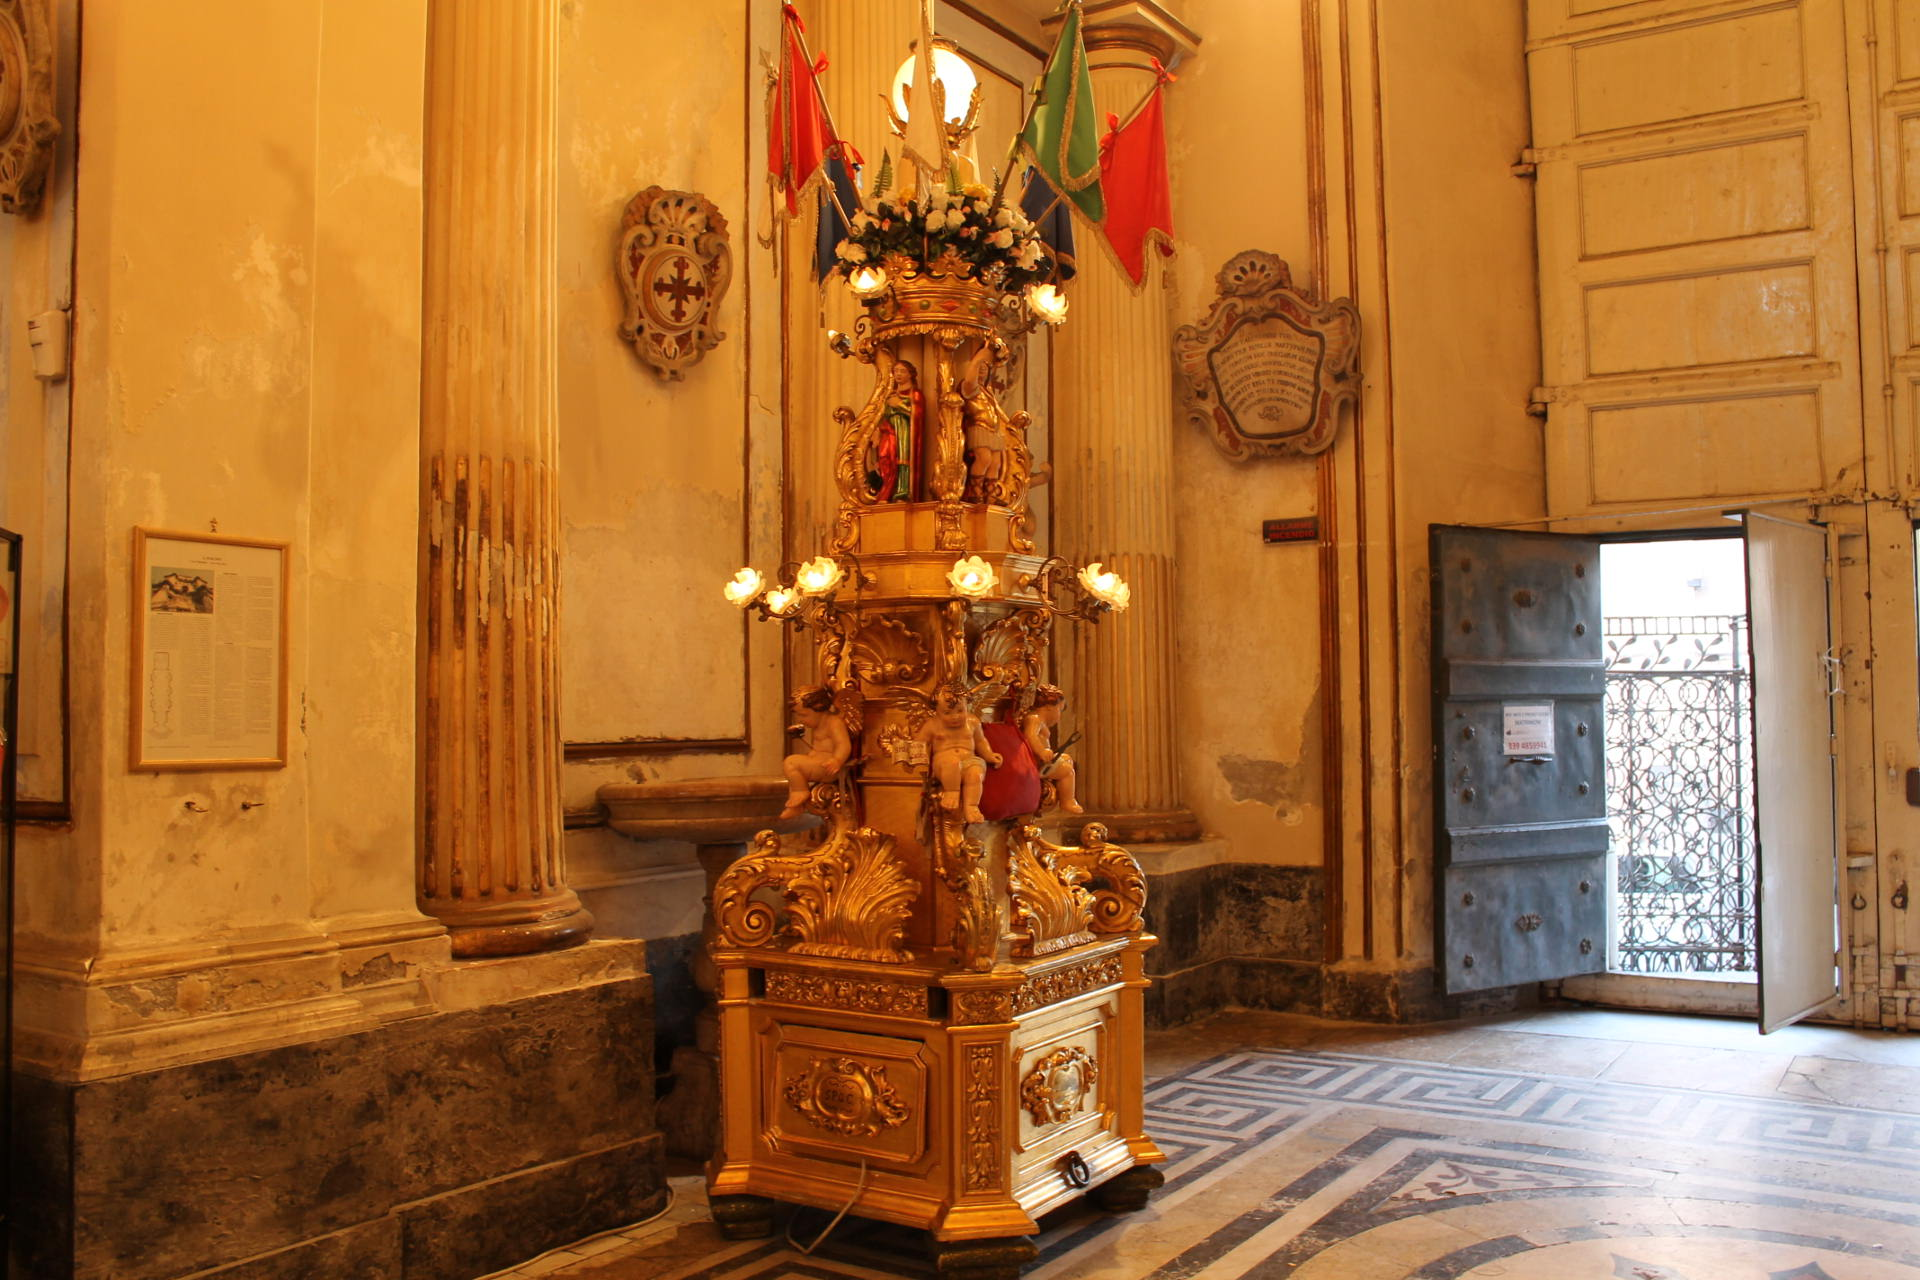 Musica, mostre e teatro: via Monfalcone si prepara ad accogliere la candelora di Sant'Agata